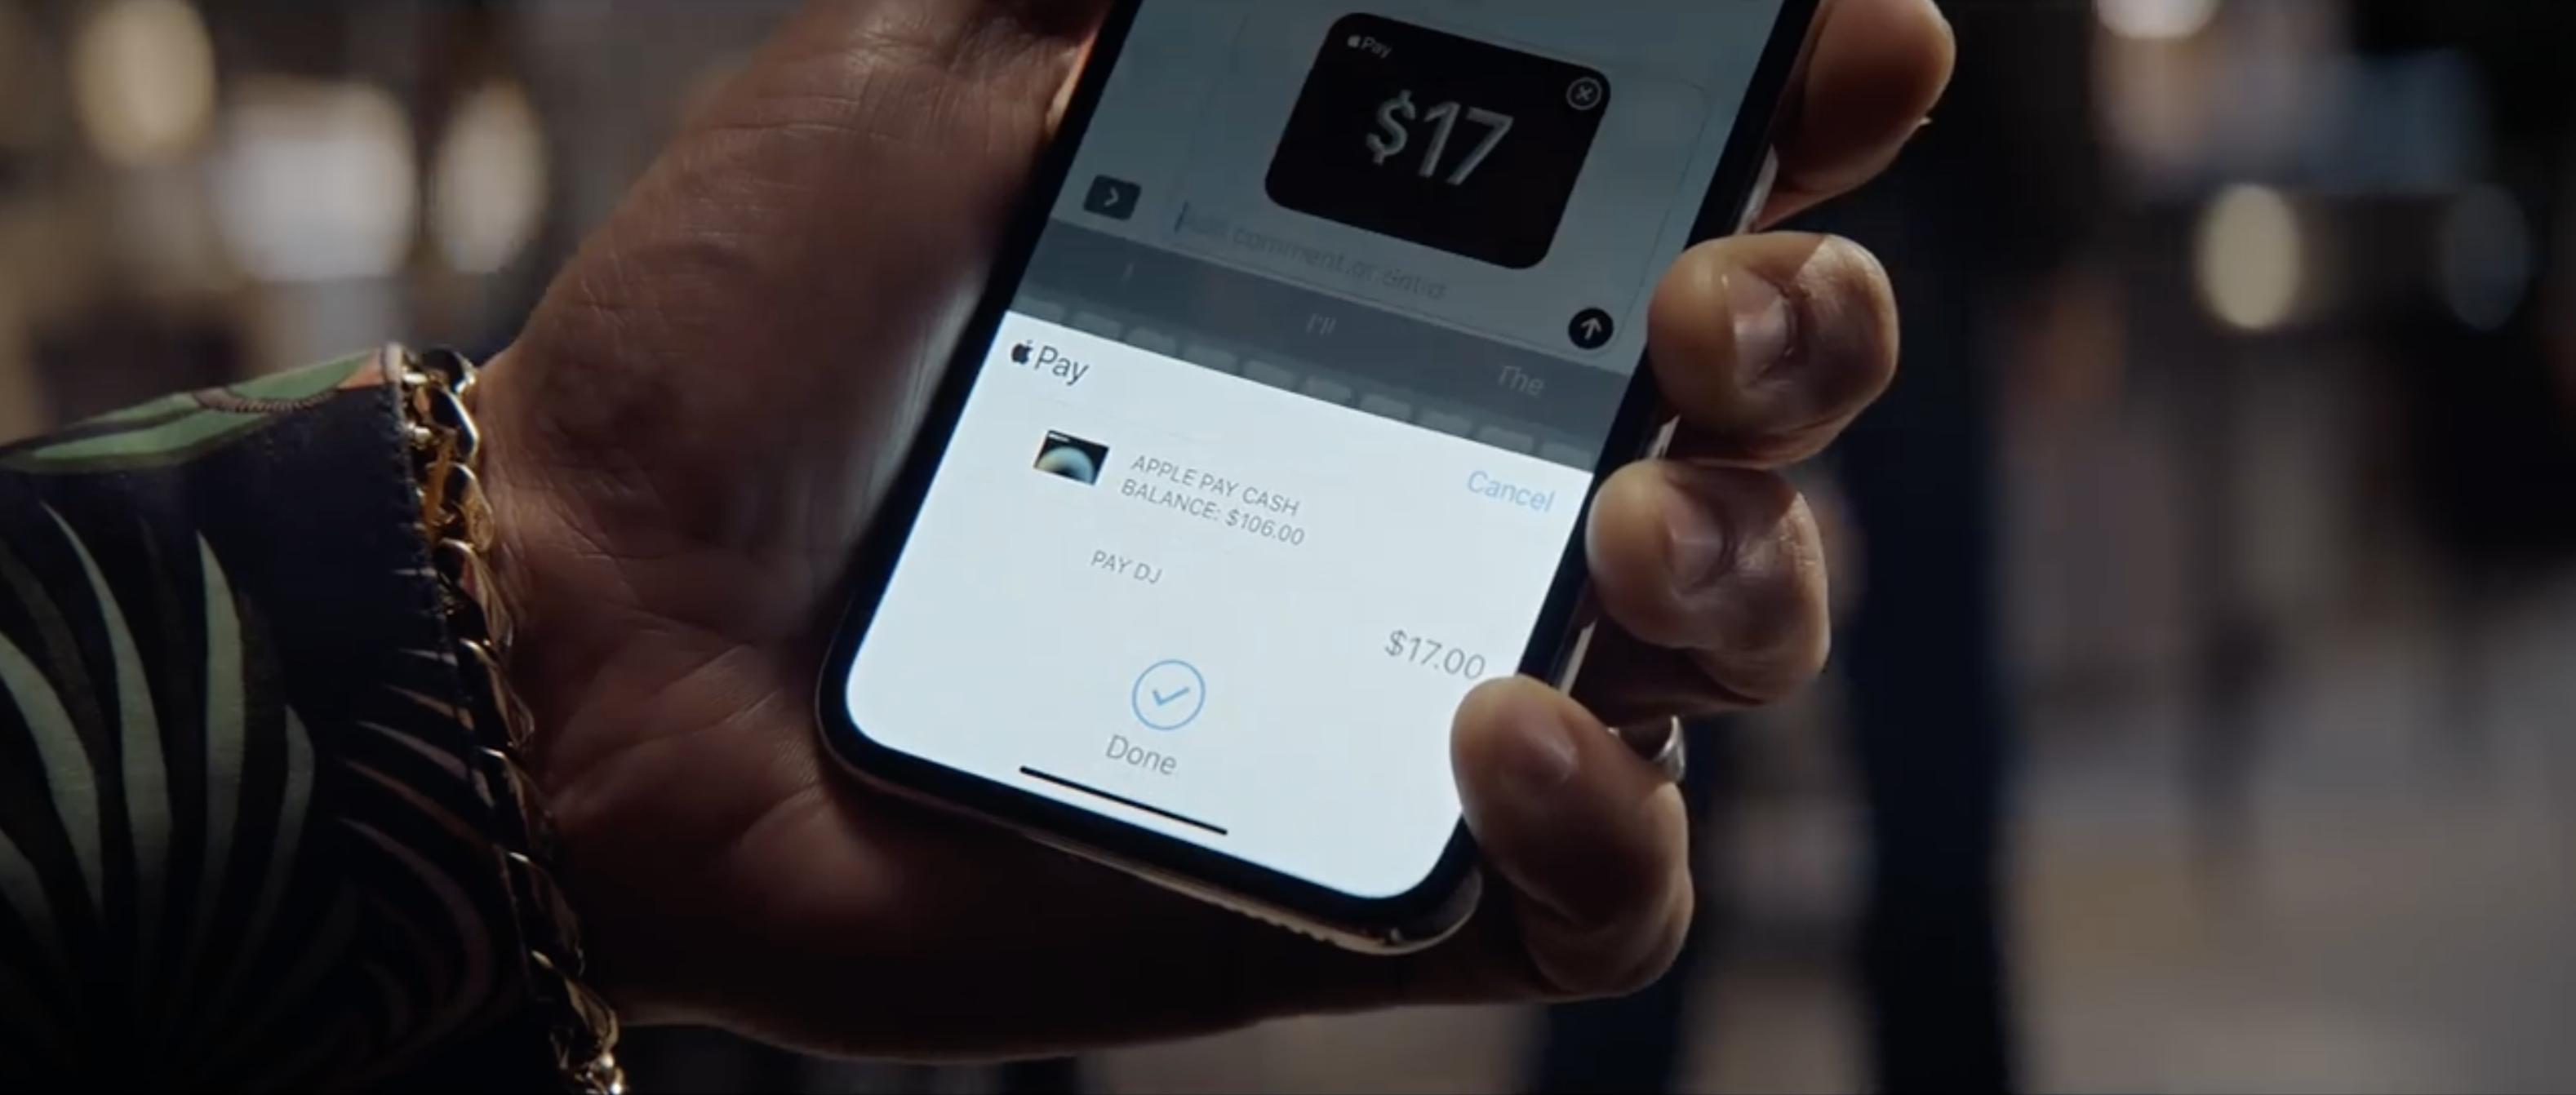 Apple Pay: Das wissen Sie vermutlich noch nicht über den Bezahldienst